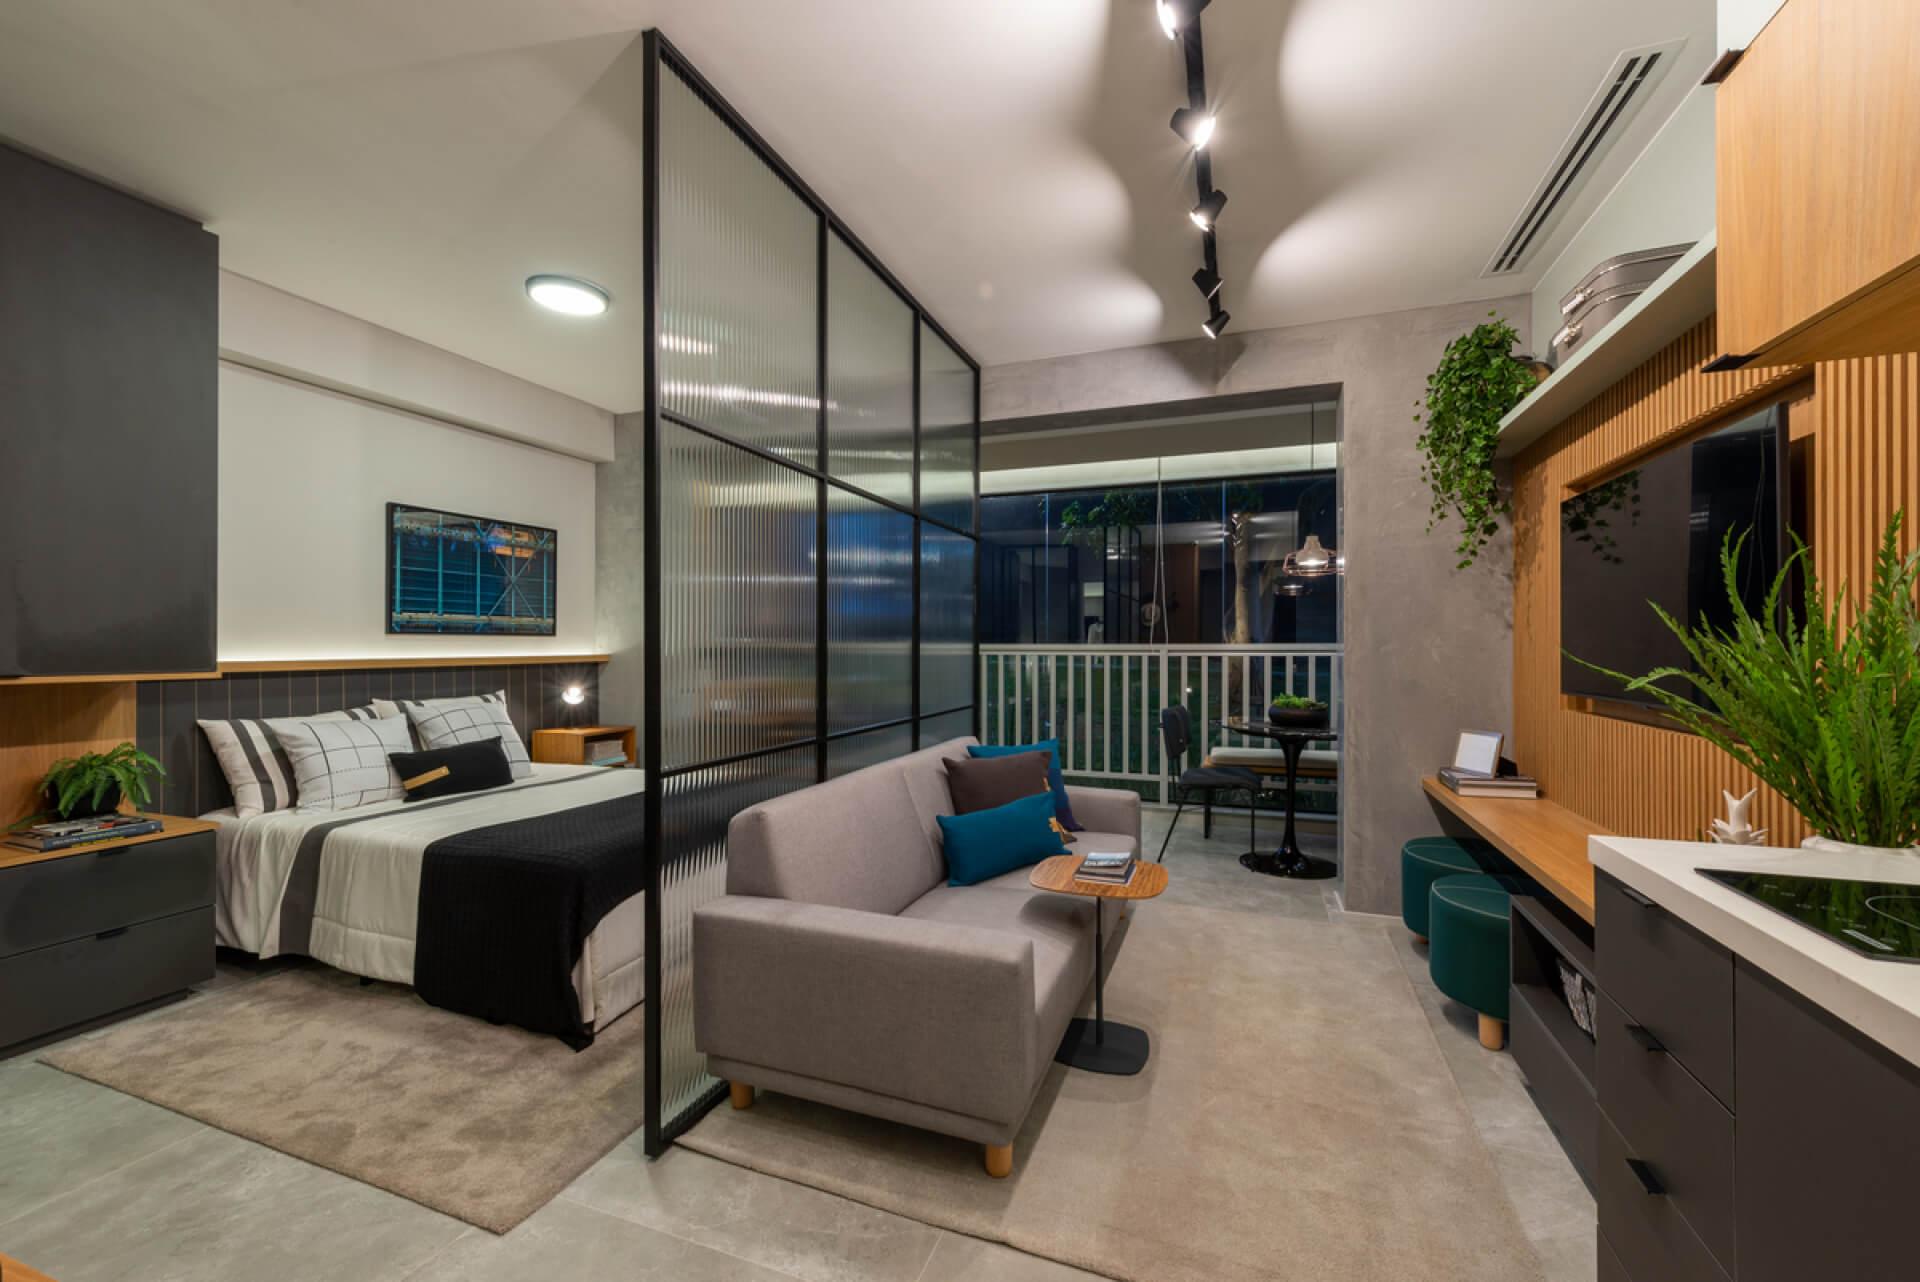 LIVING do studio de 36 m² integrado aos demais ambientes, essa configuração de planta é ideal para quem tem um estilo de vida moderno e descomplicado!